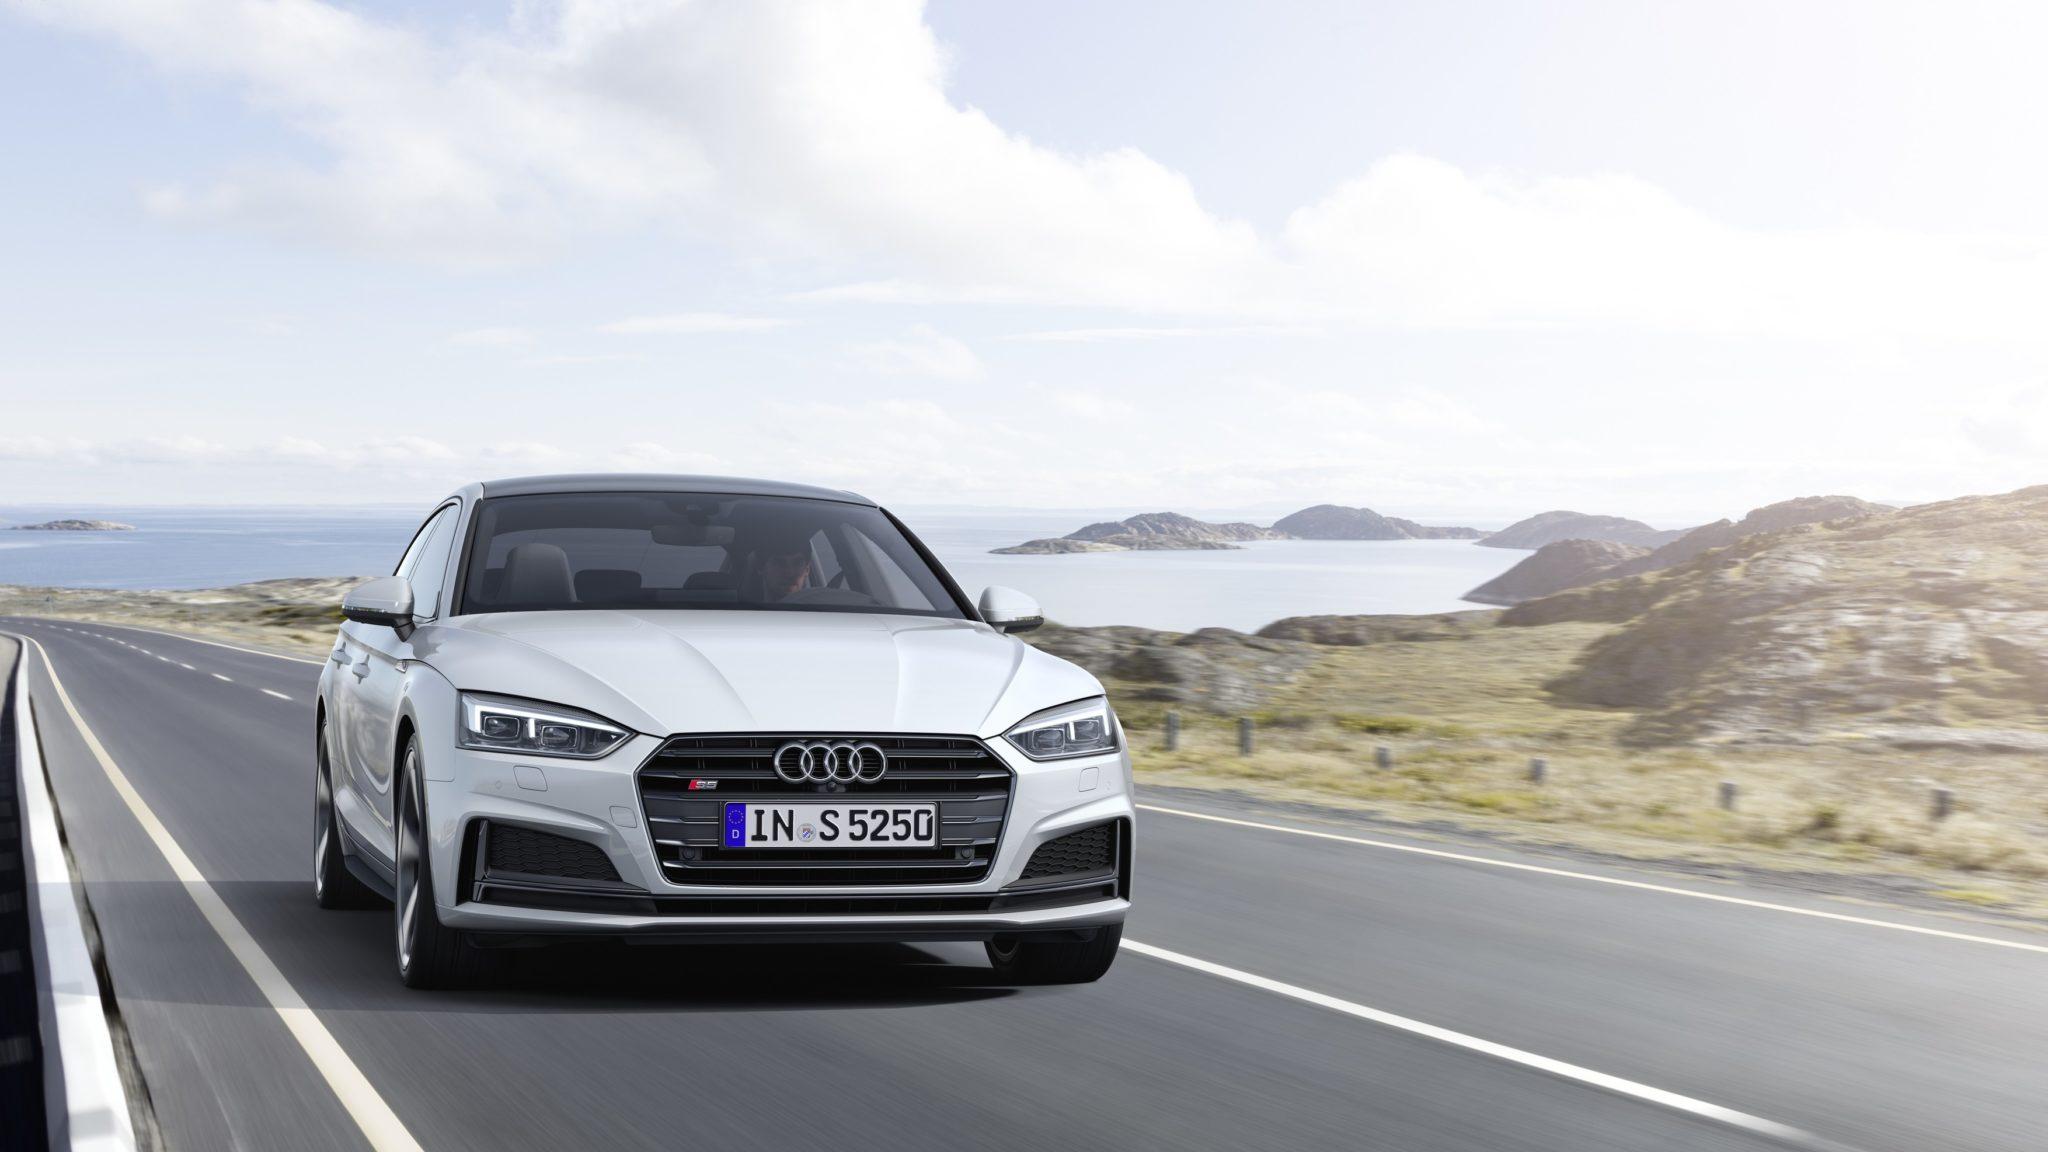 Die Audi S5-Modelle jetzt mit TDI-Motor